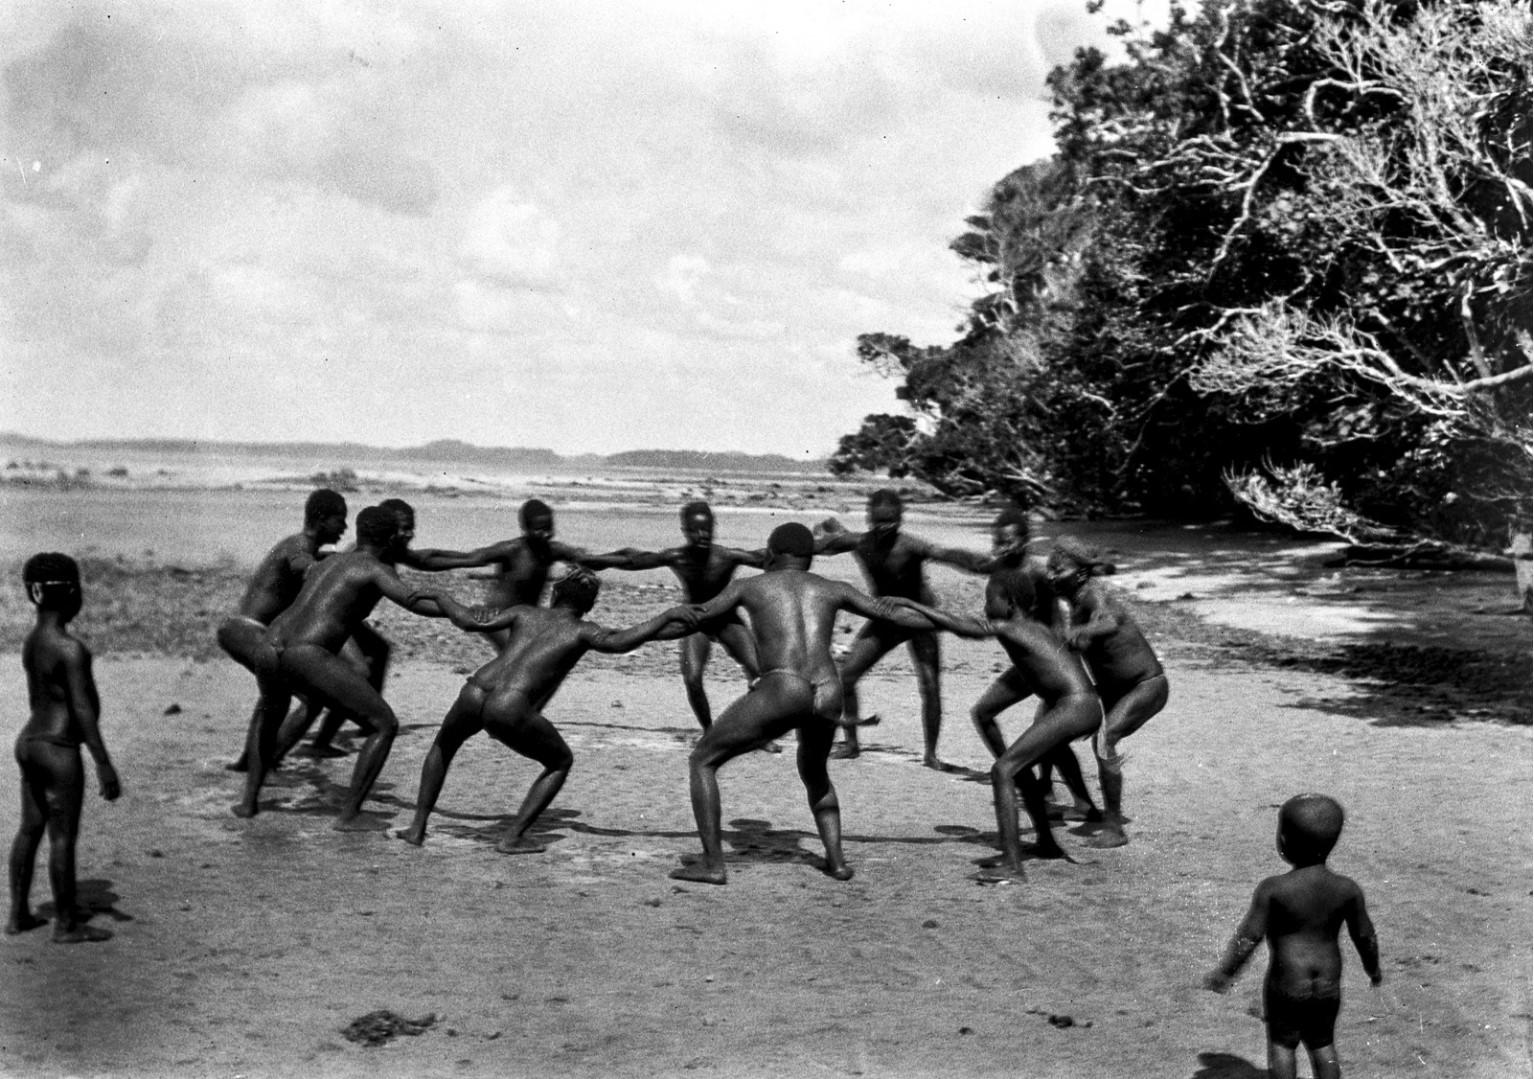 1198. Народность онге. Группа мужчин танцует на берегу